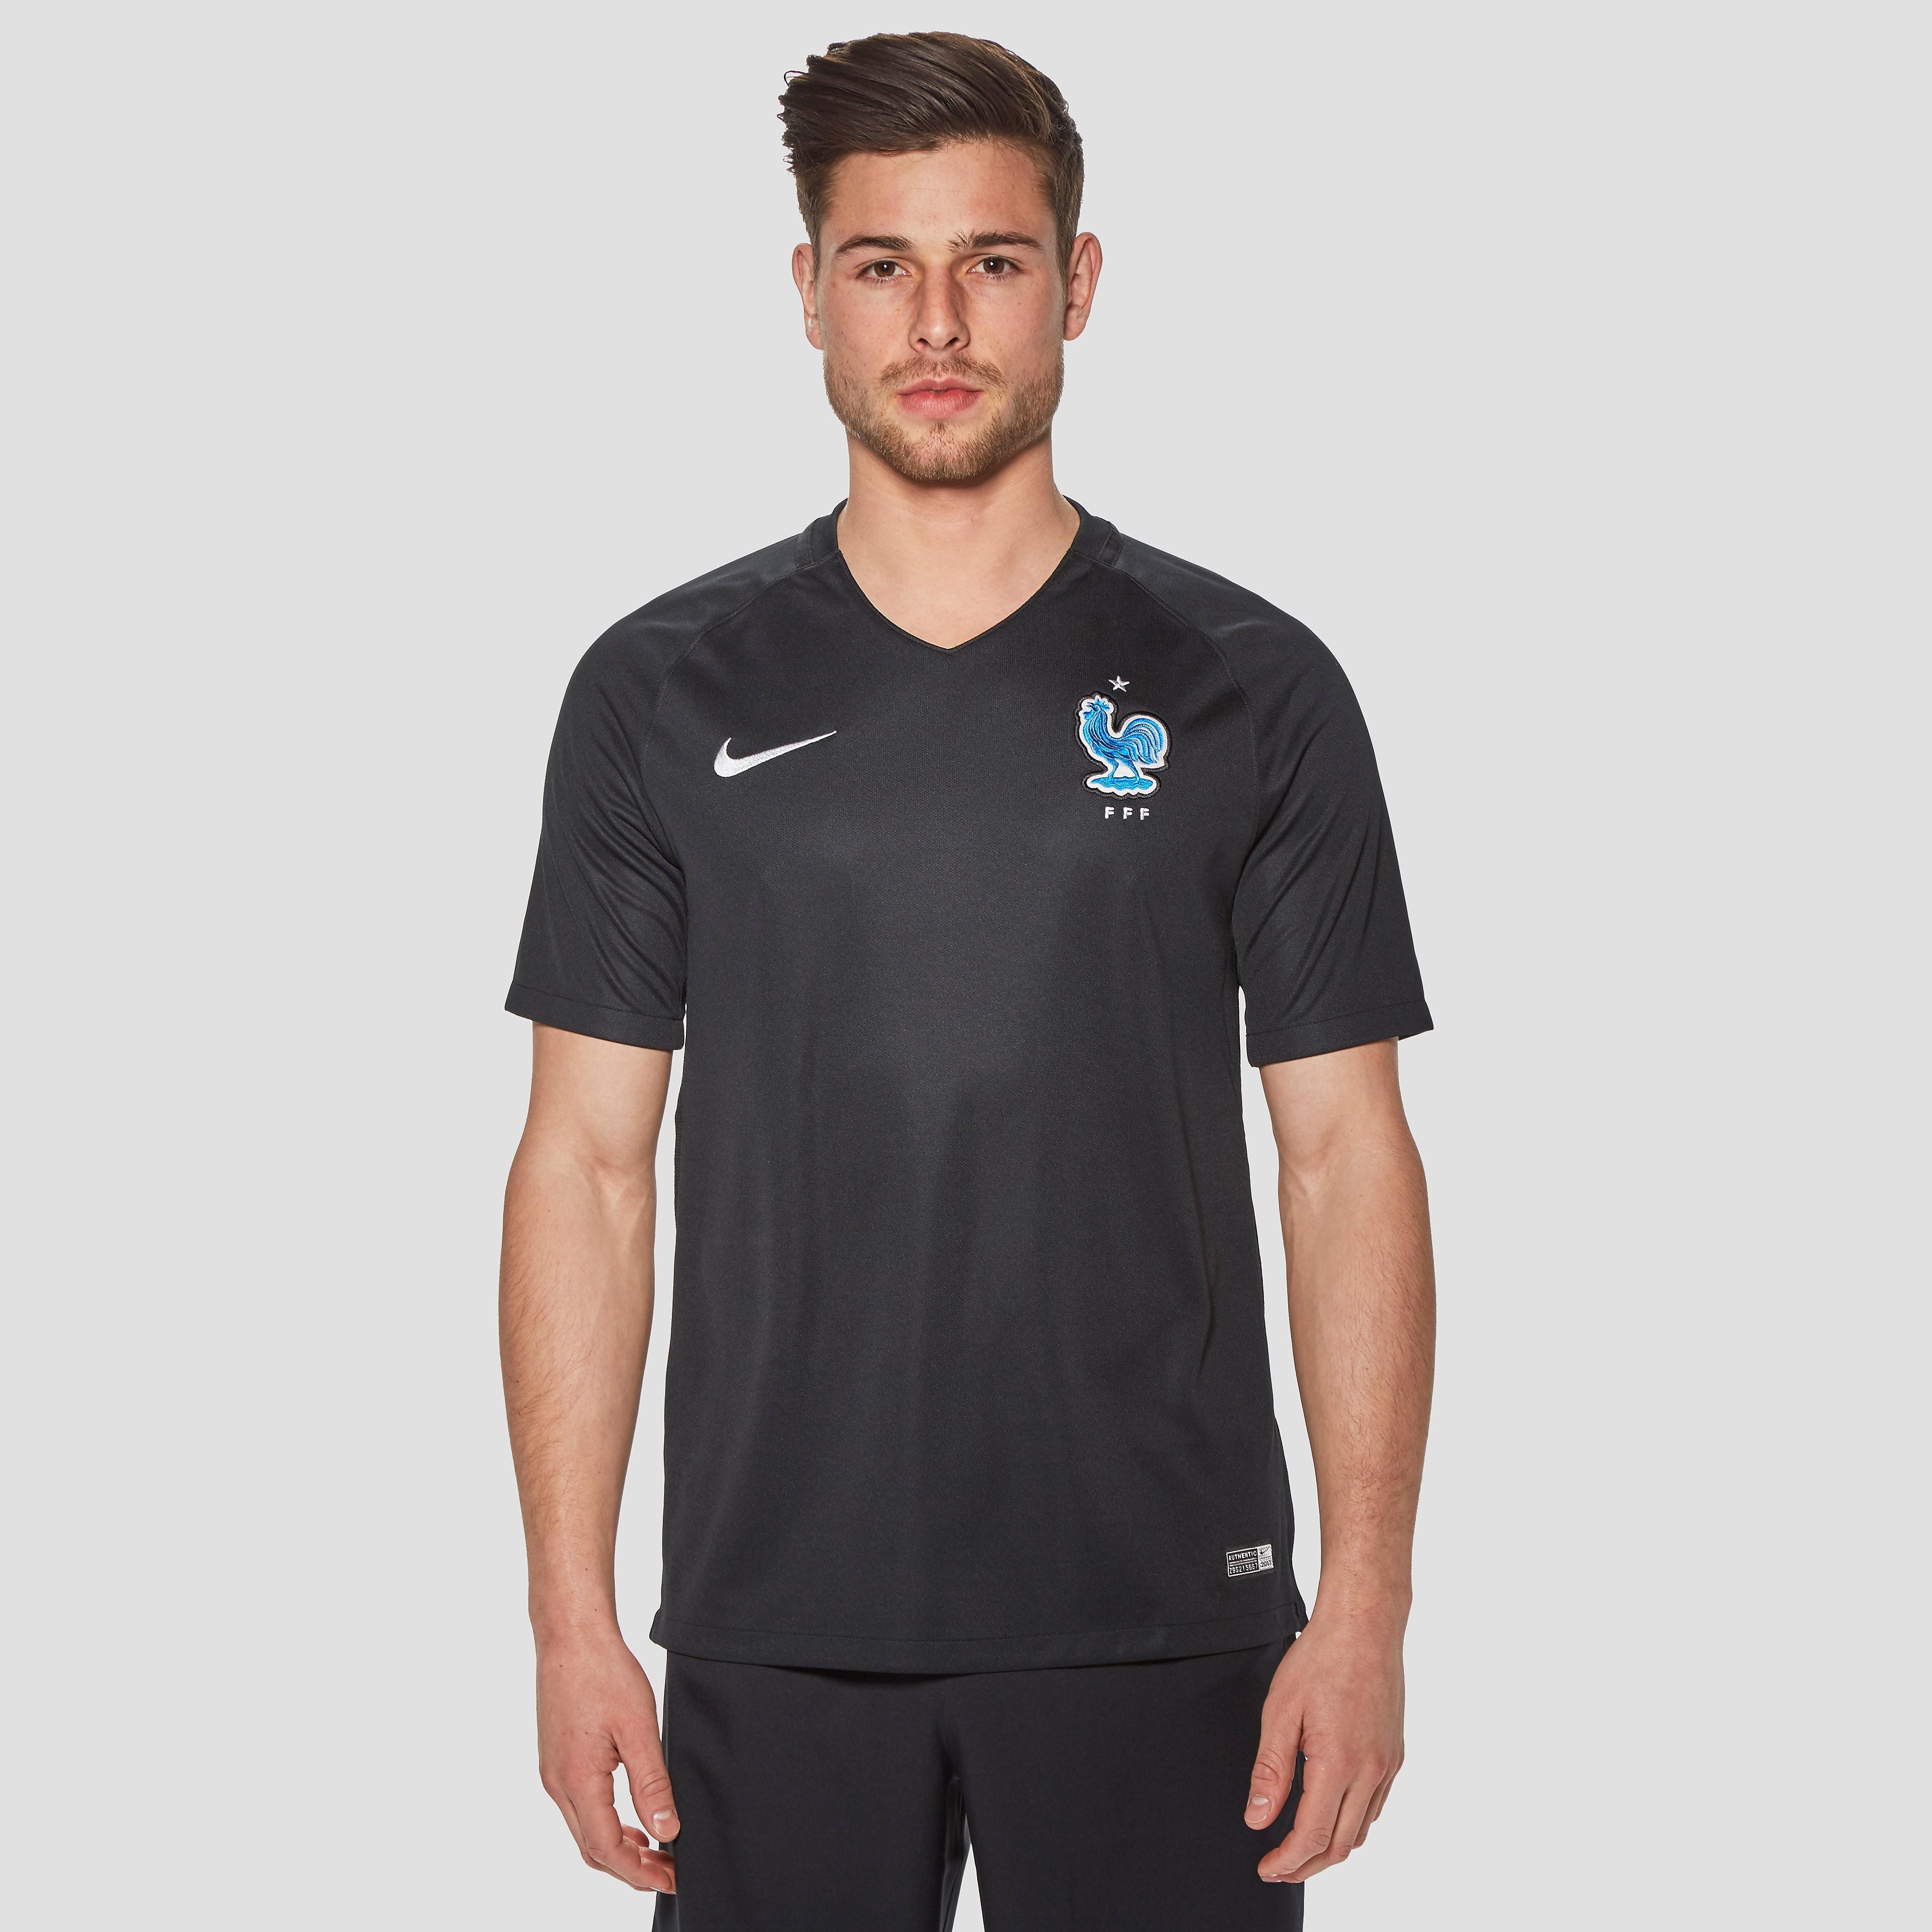 Nike FFF Stadium Men's Top